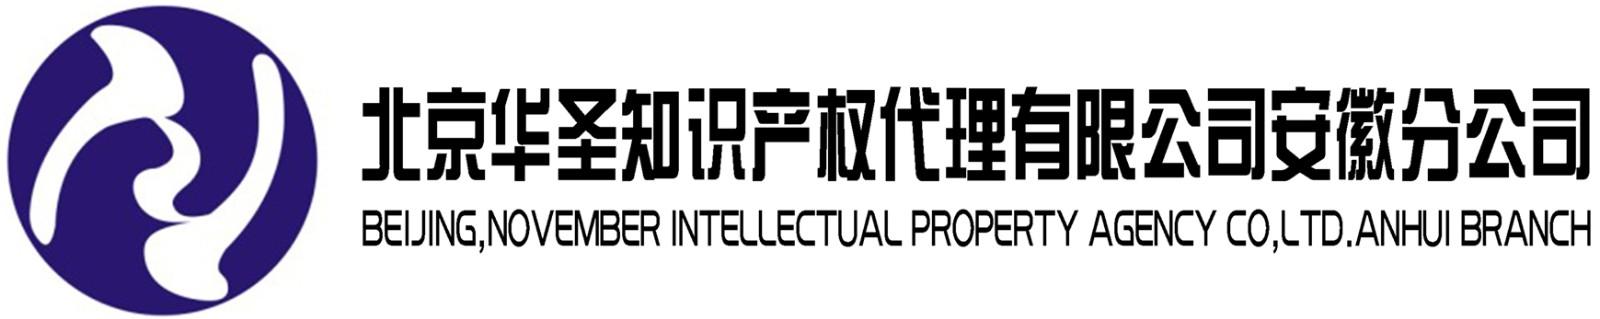 北京华圣知识产权代理有限公司安徽分公司